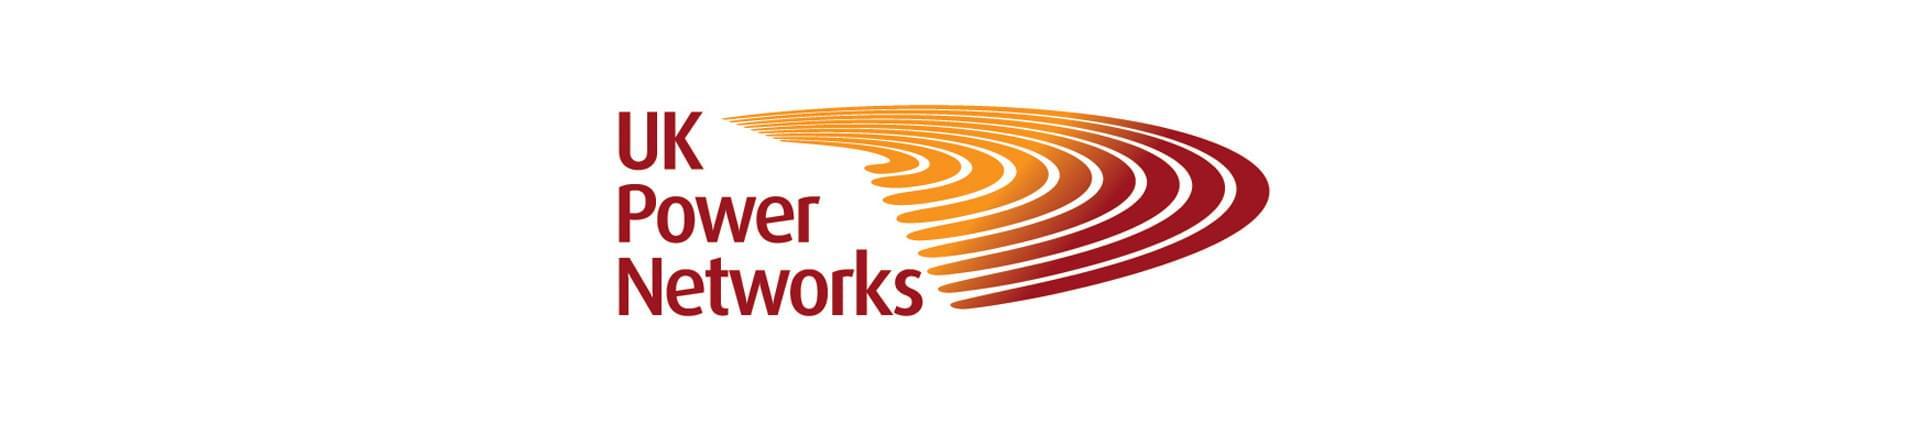 UK Power Network logo